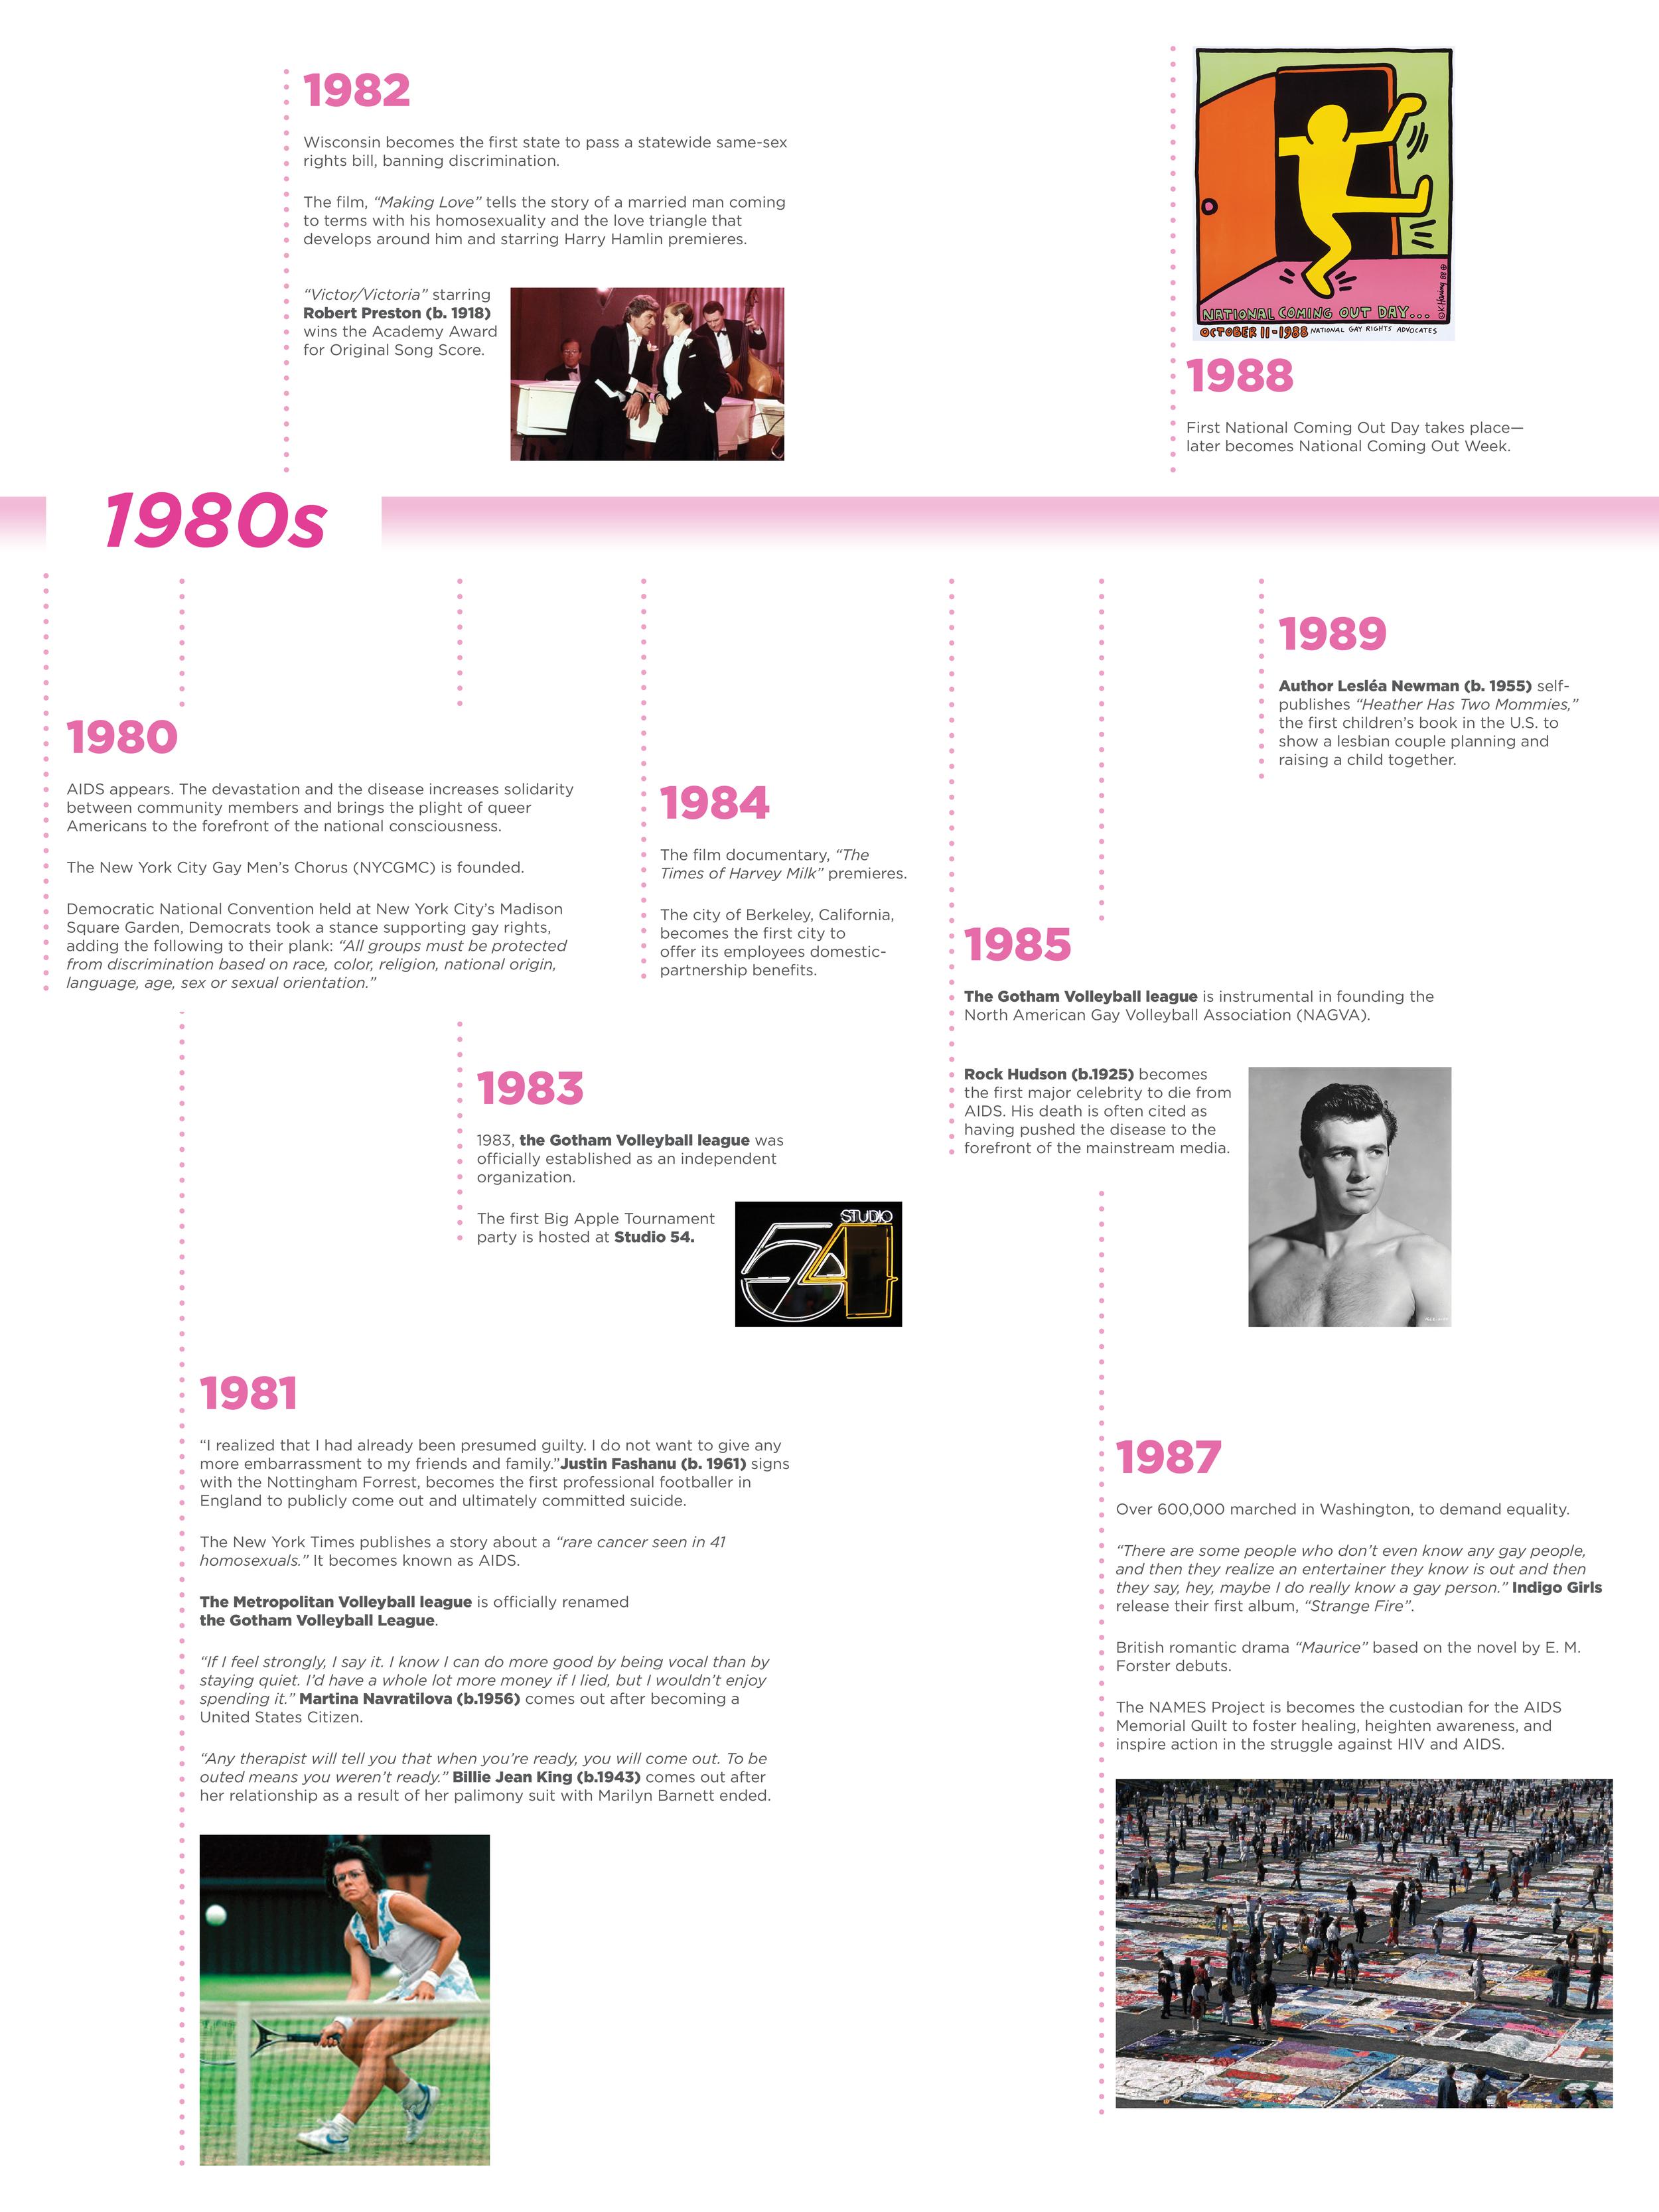 TimelinePosters4.jpg